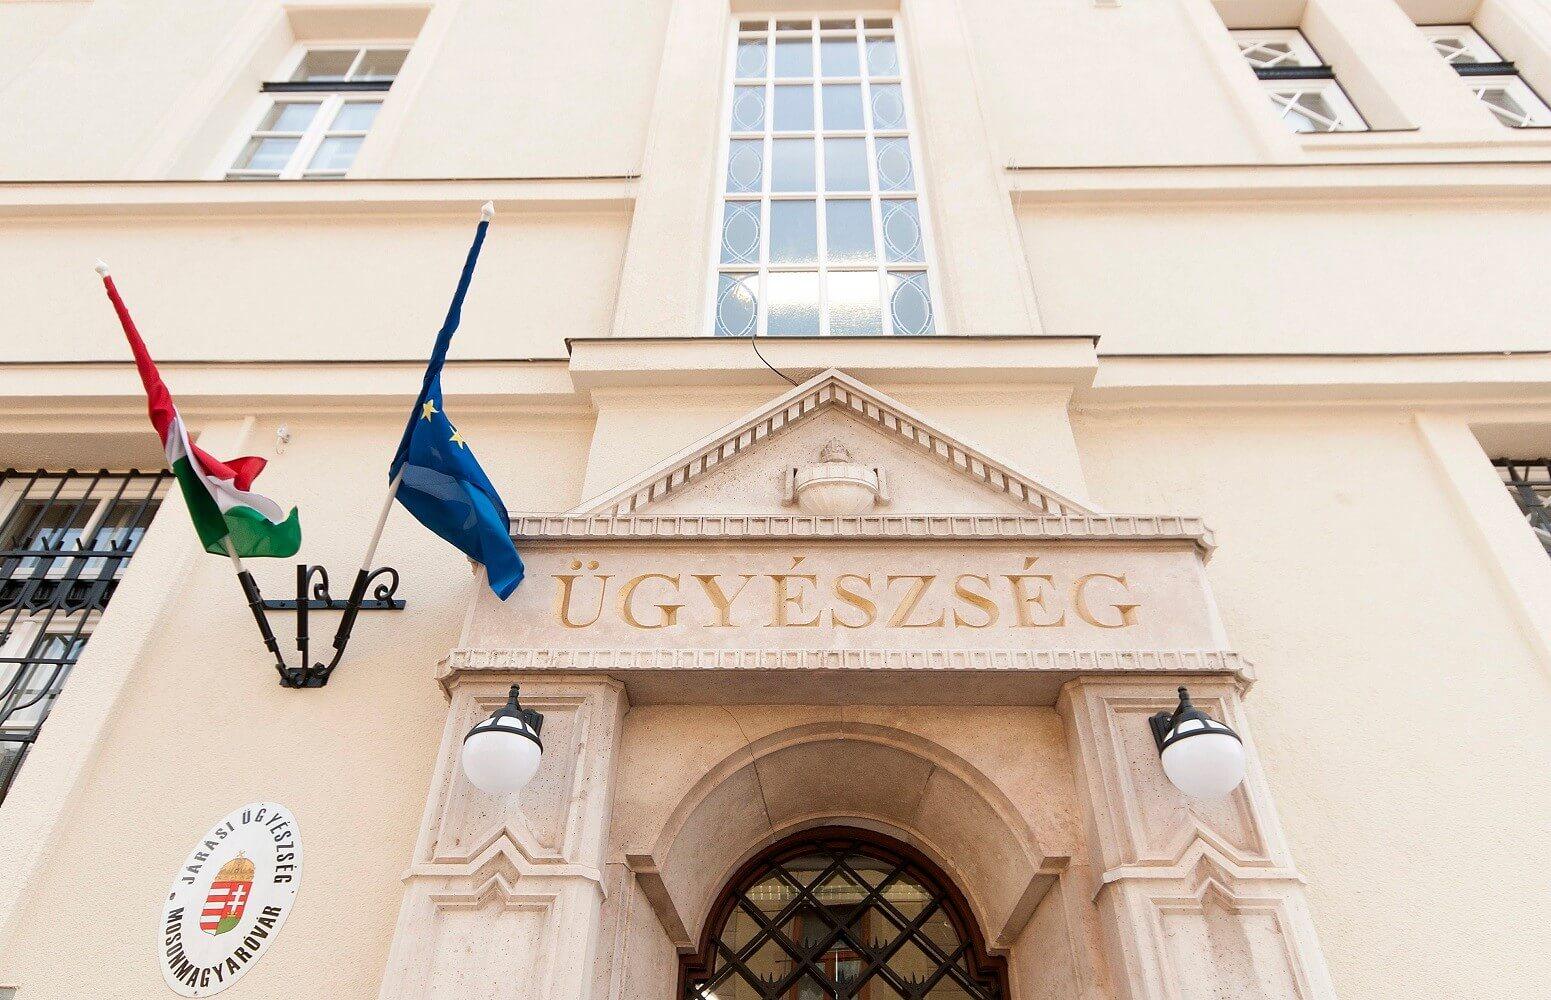 Energetikai felújítást és bővítést kapott a mosonmagyaróvári ügyészség